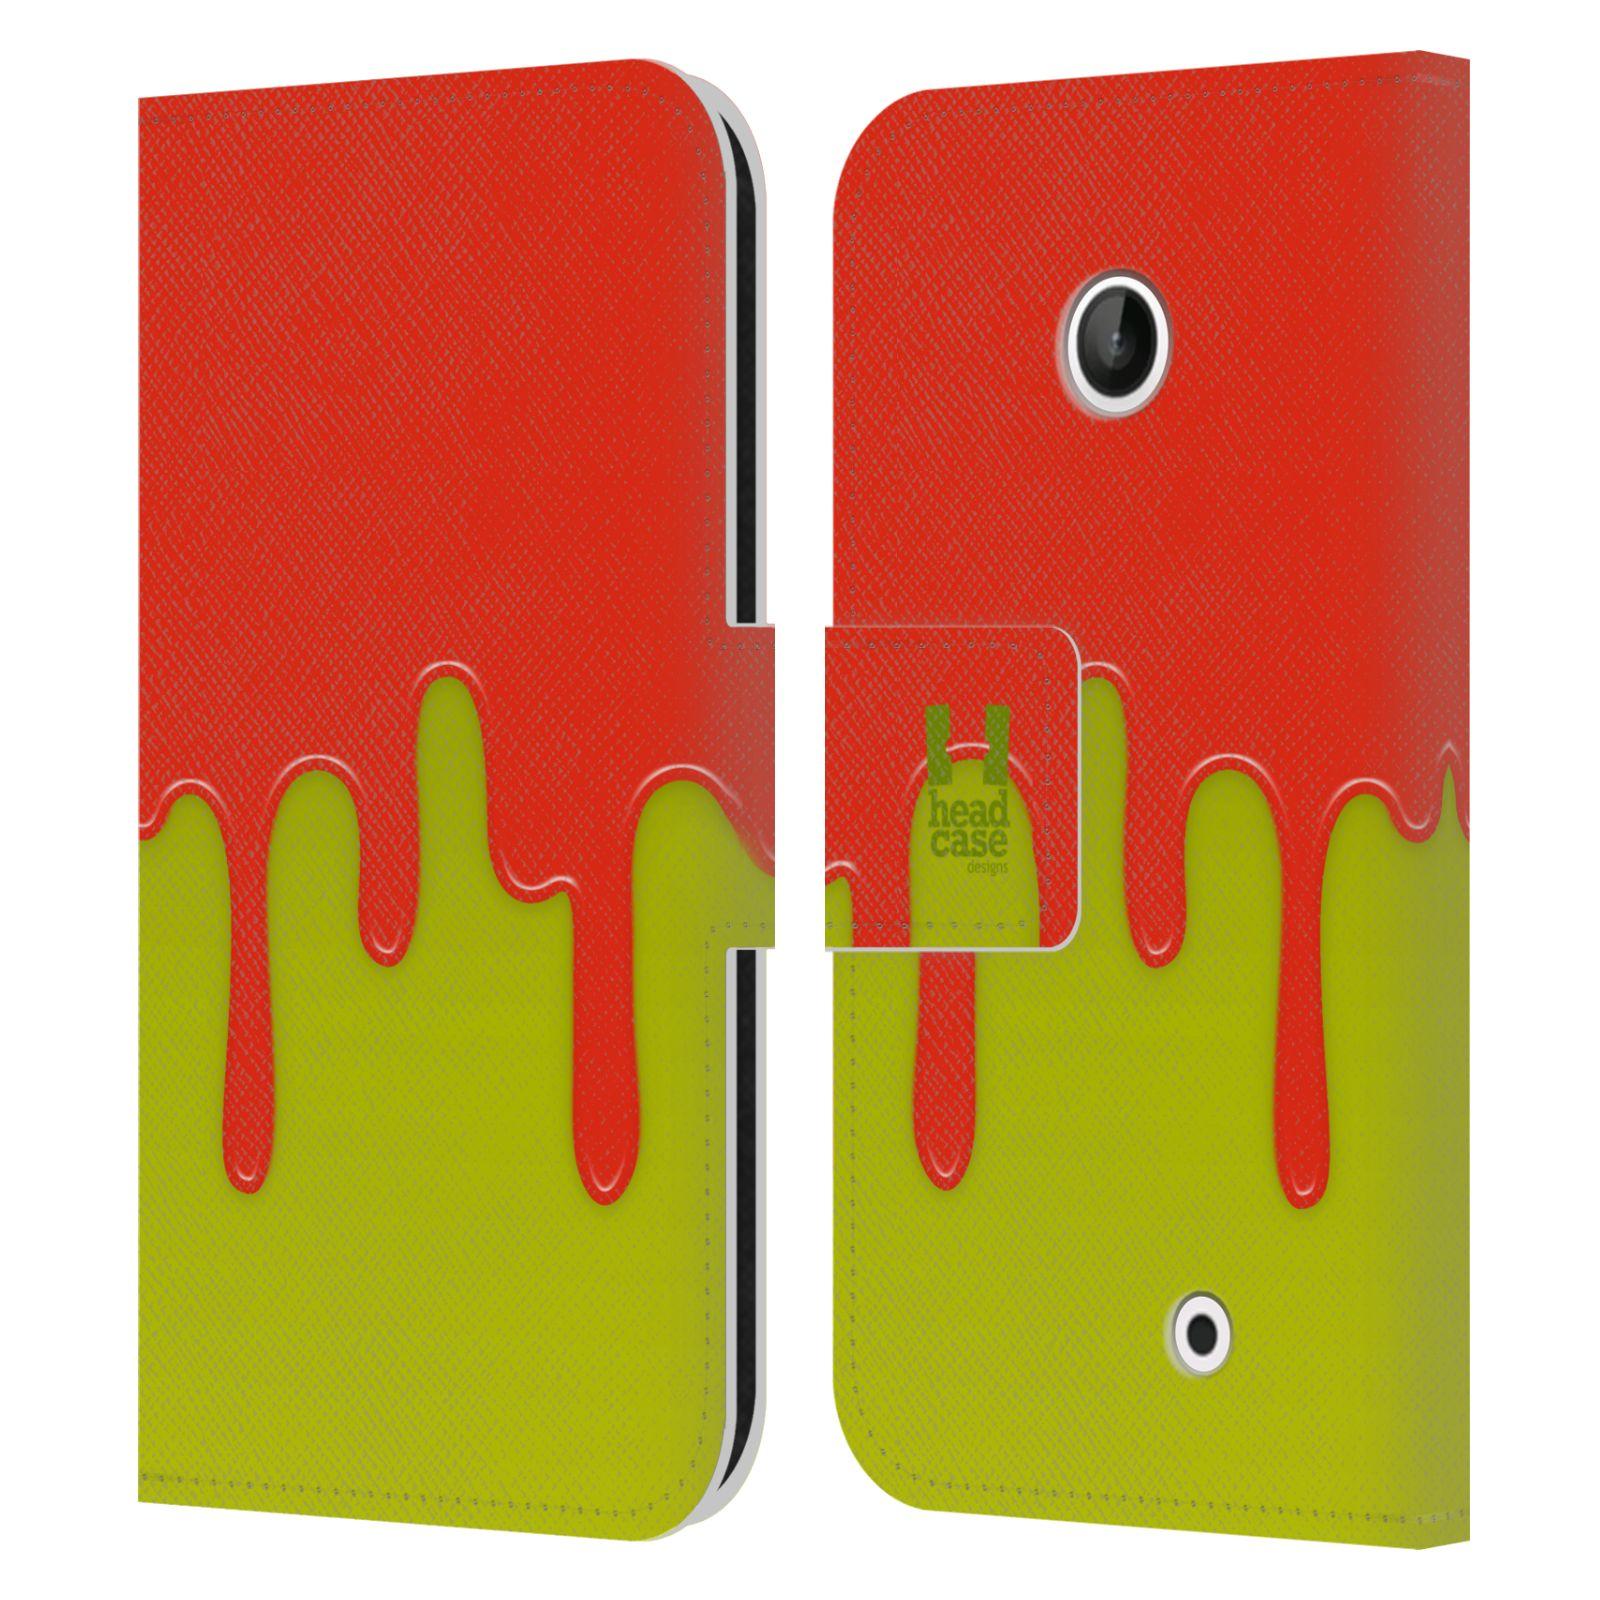 HEAD CASE Flipové pouzdro pro mobil NOKIA LUMIA 630 / LUMIA 630 DUAL Rozlitá barva oranžová a zelená